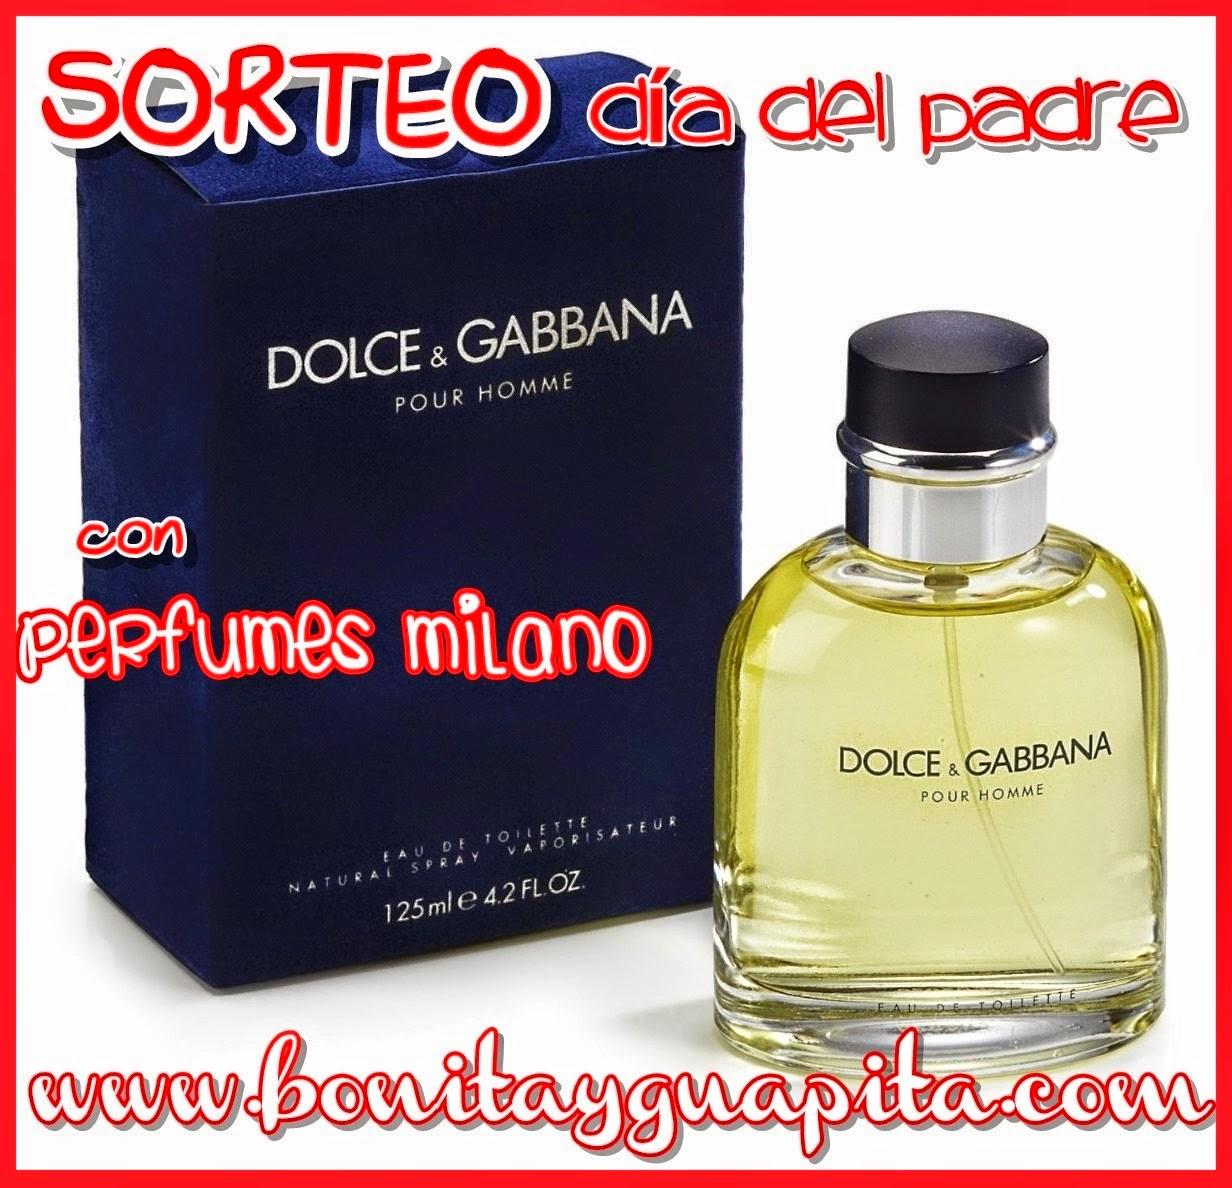 sorteo del dia del padre con perfumes milano en guapita y bonita